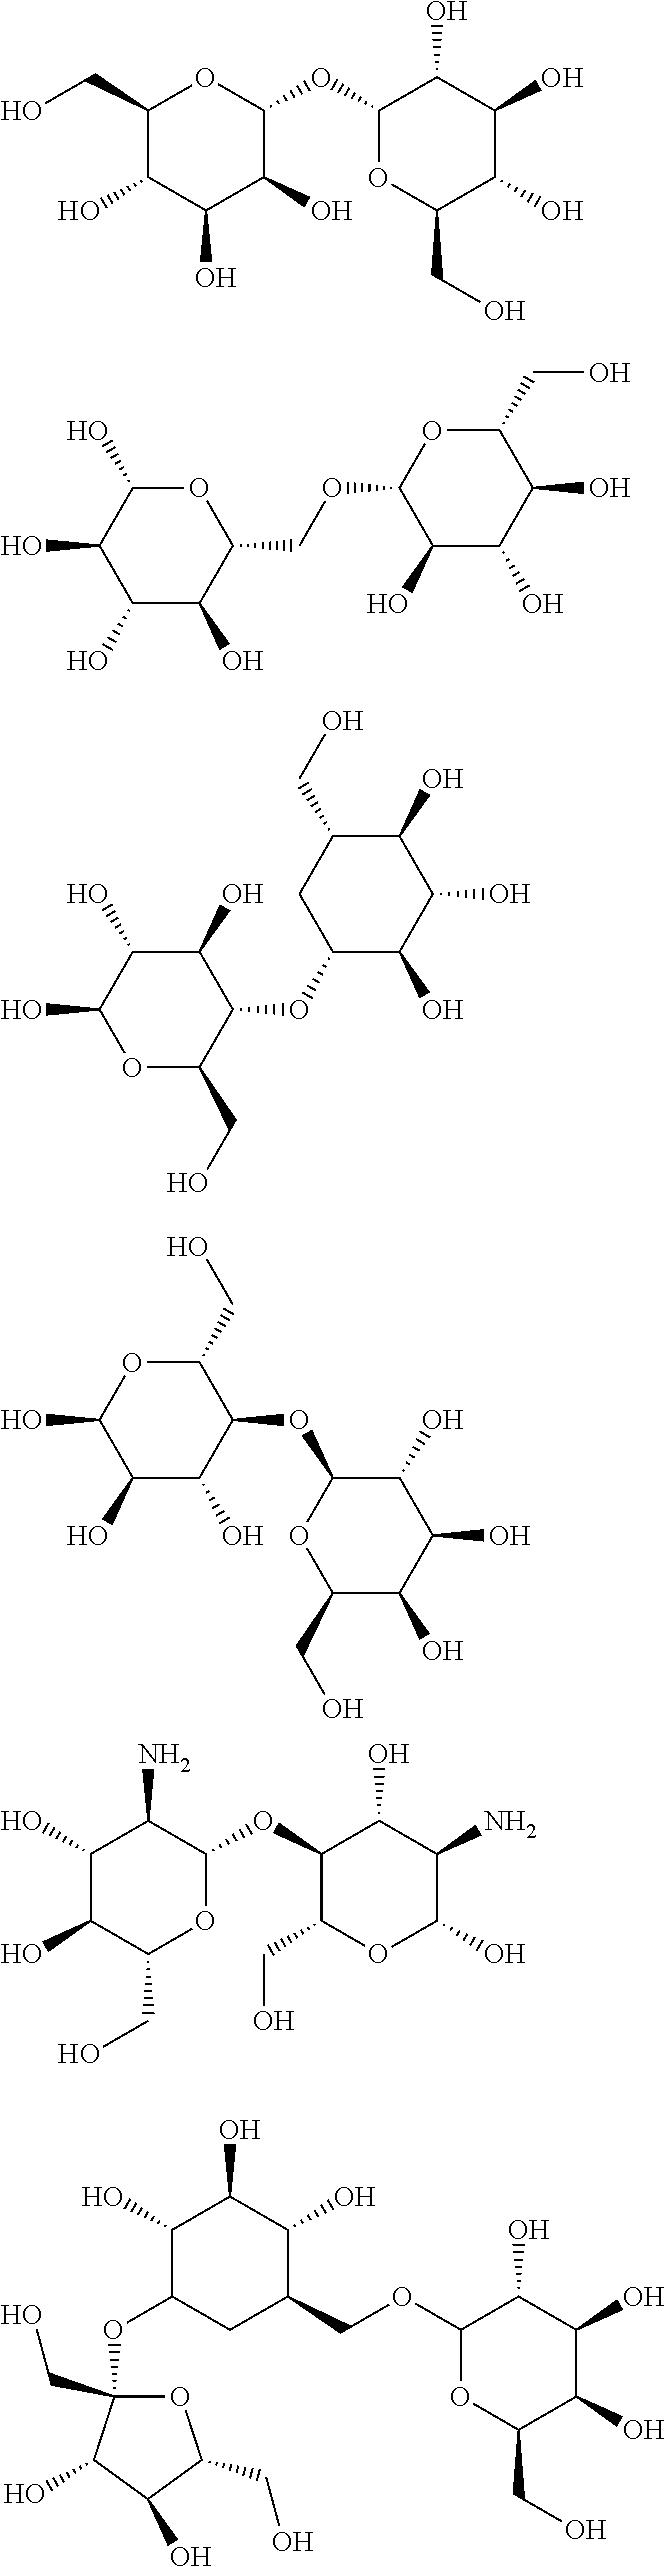 Figure US20110142952A1-20110616-C00012